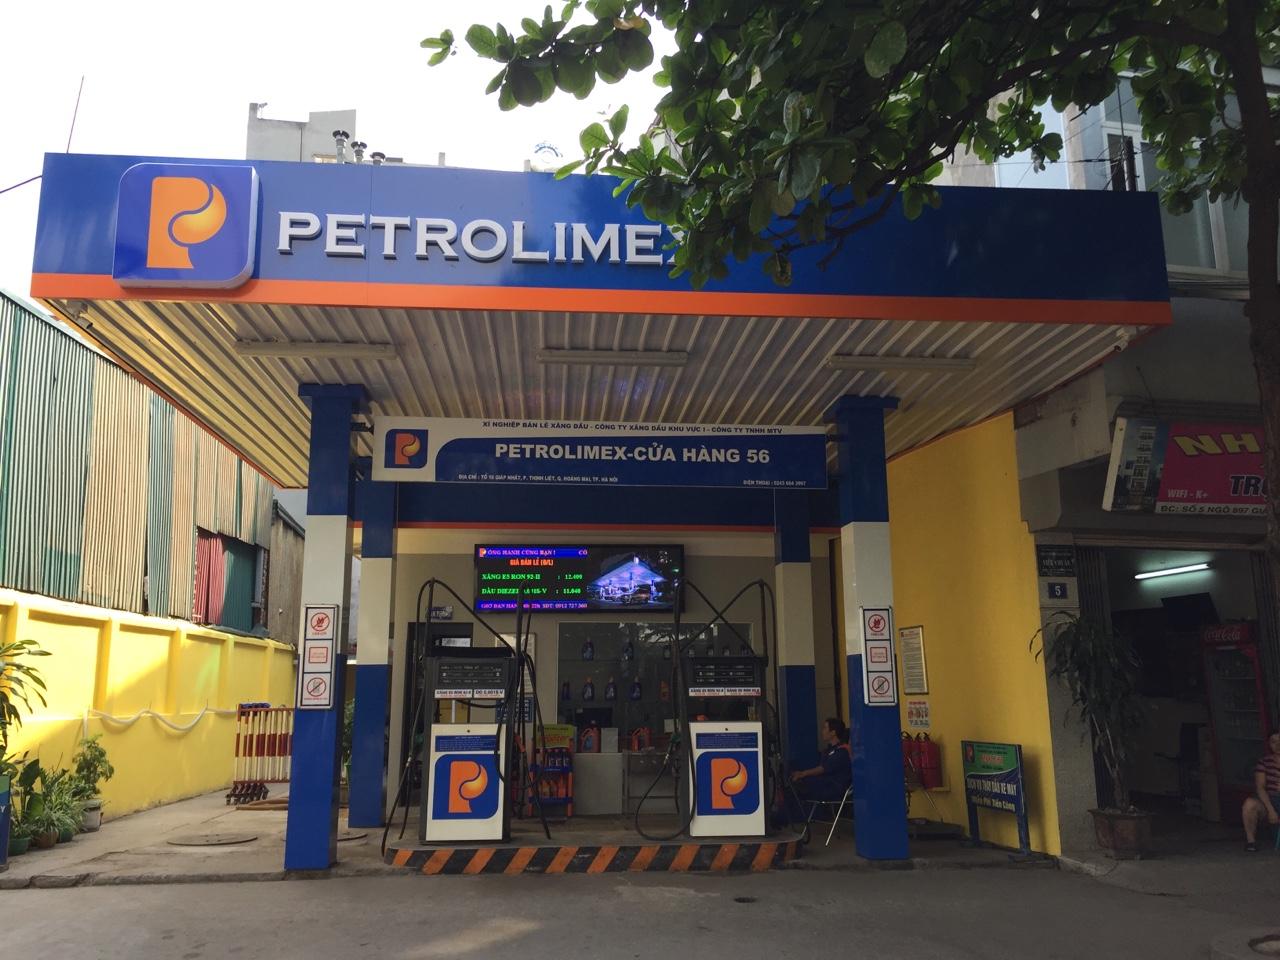 Lỗ đậm quí I, Petrolimex muốn bán 15 triệu cổ phiếu quĩ - Ảnh 1.